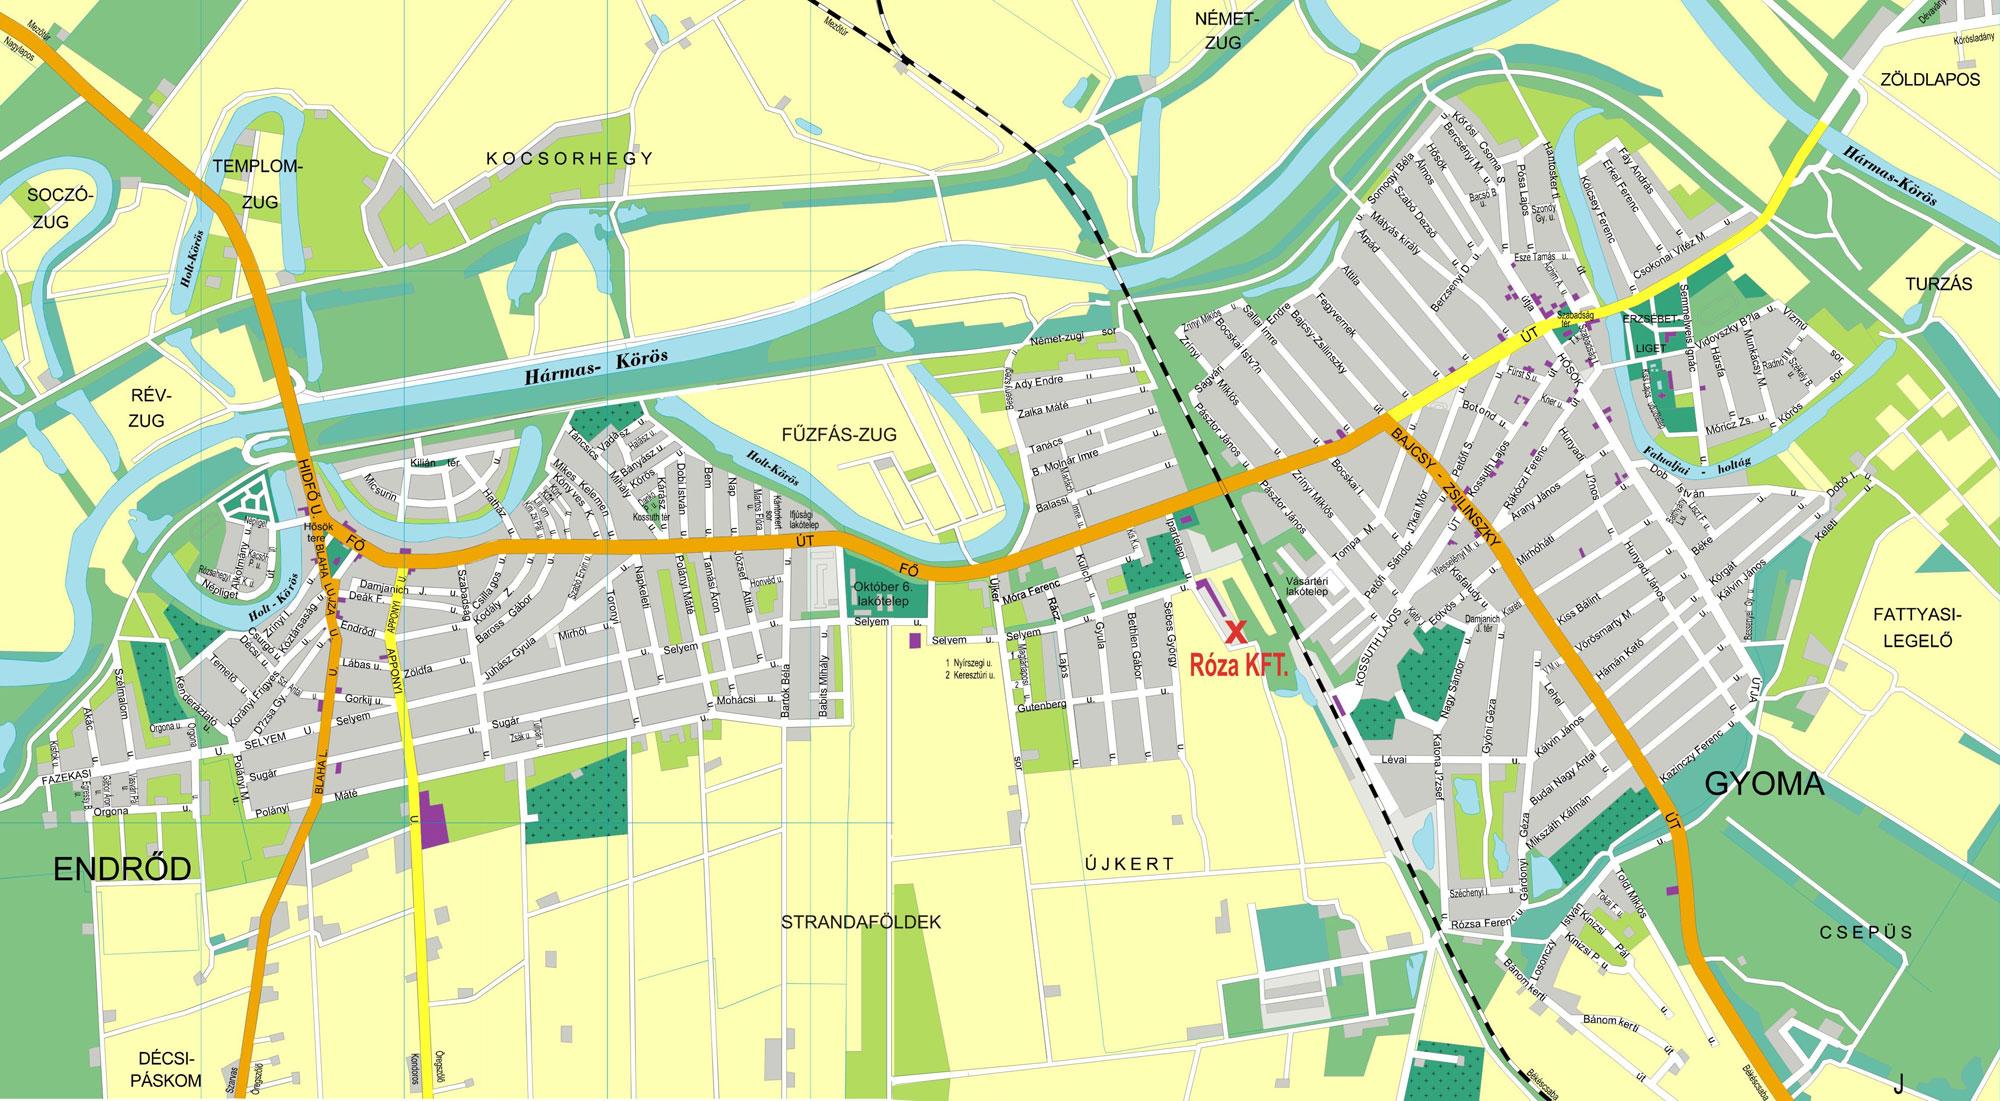 magyarország térkép gyomaendrőd Ifjúsági tábor Gyomaendrődön   A szavazatok erejével  magyarország térkép gyomaendrőd